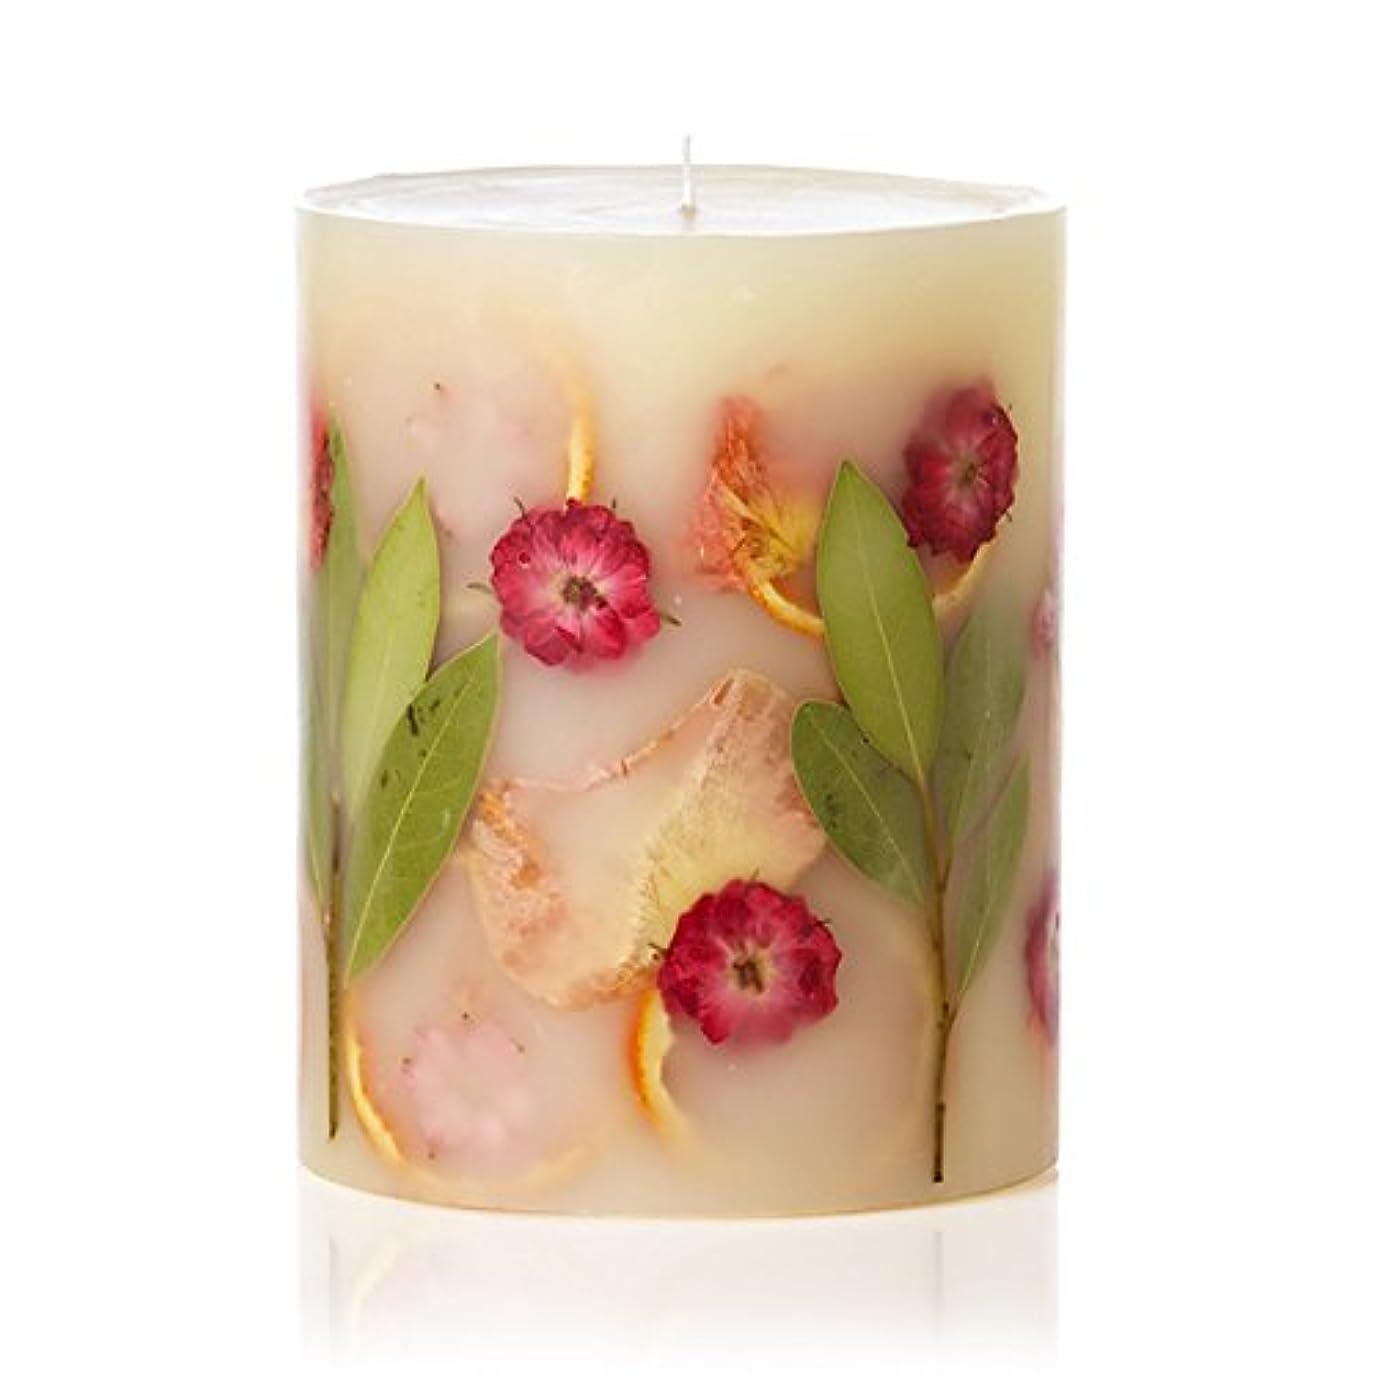 元のリングレットフレームワークロージーリングス ボタニカルキャンドル トールラウンド ピオニー&ポメロ ROSY RINGS Round Botanical CandleTall Round Peony & Pomelo